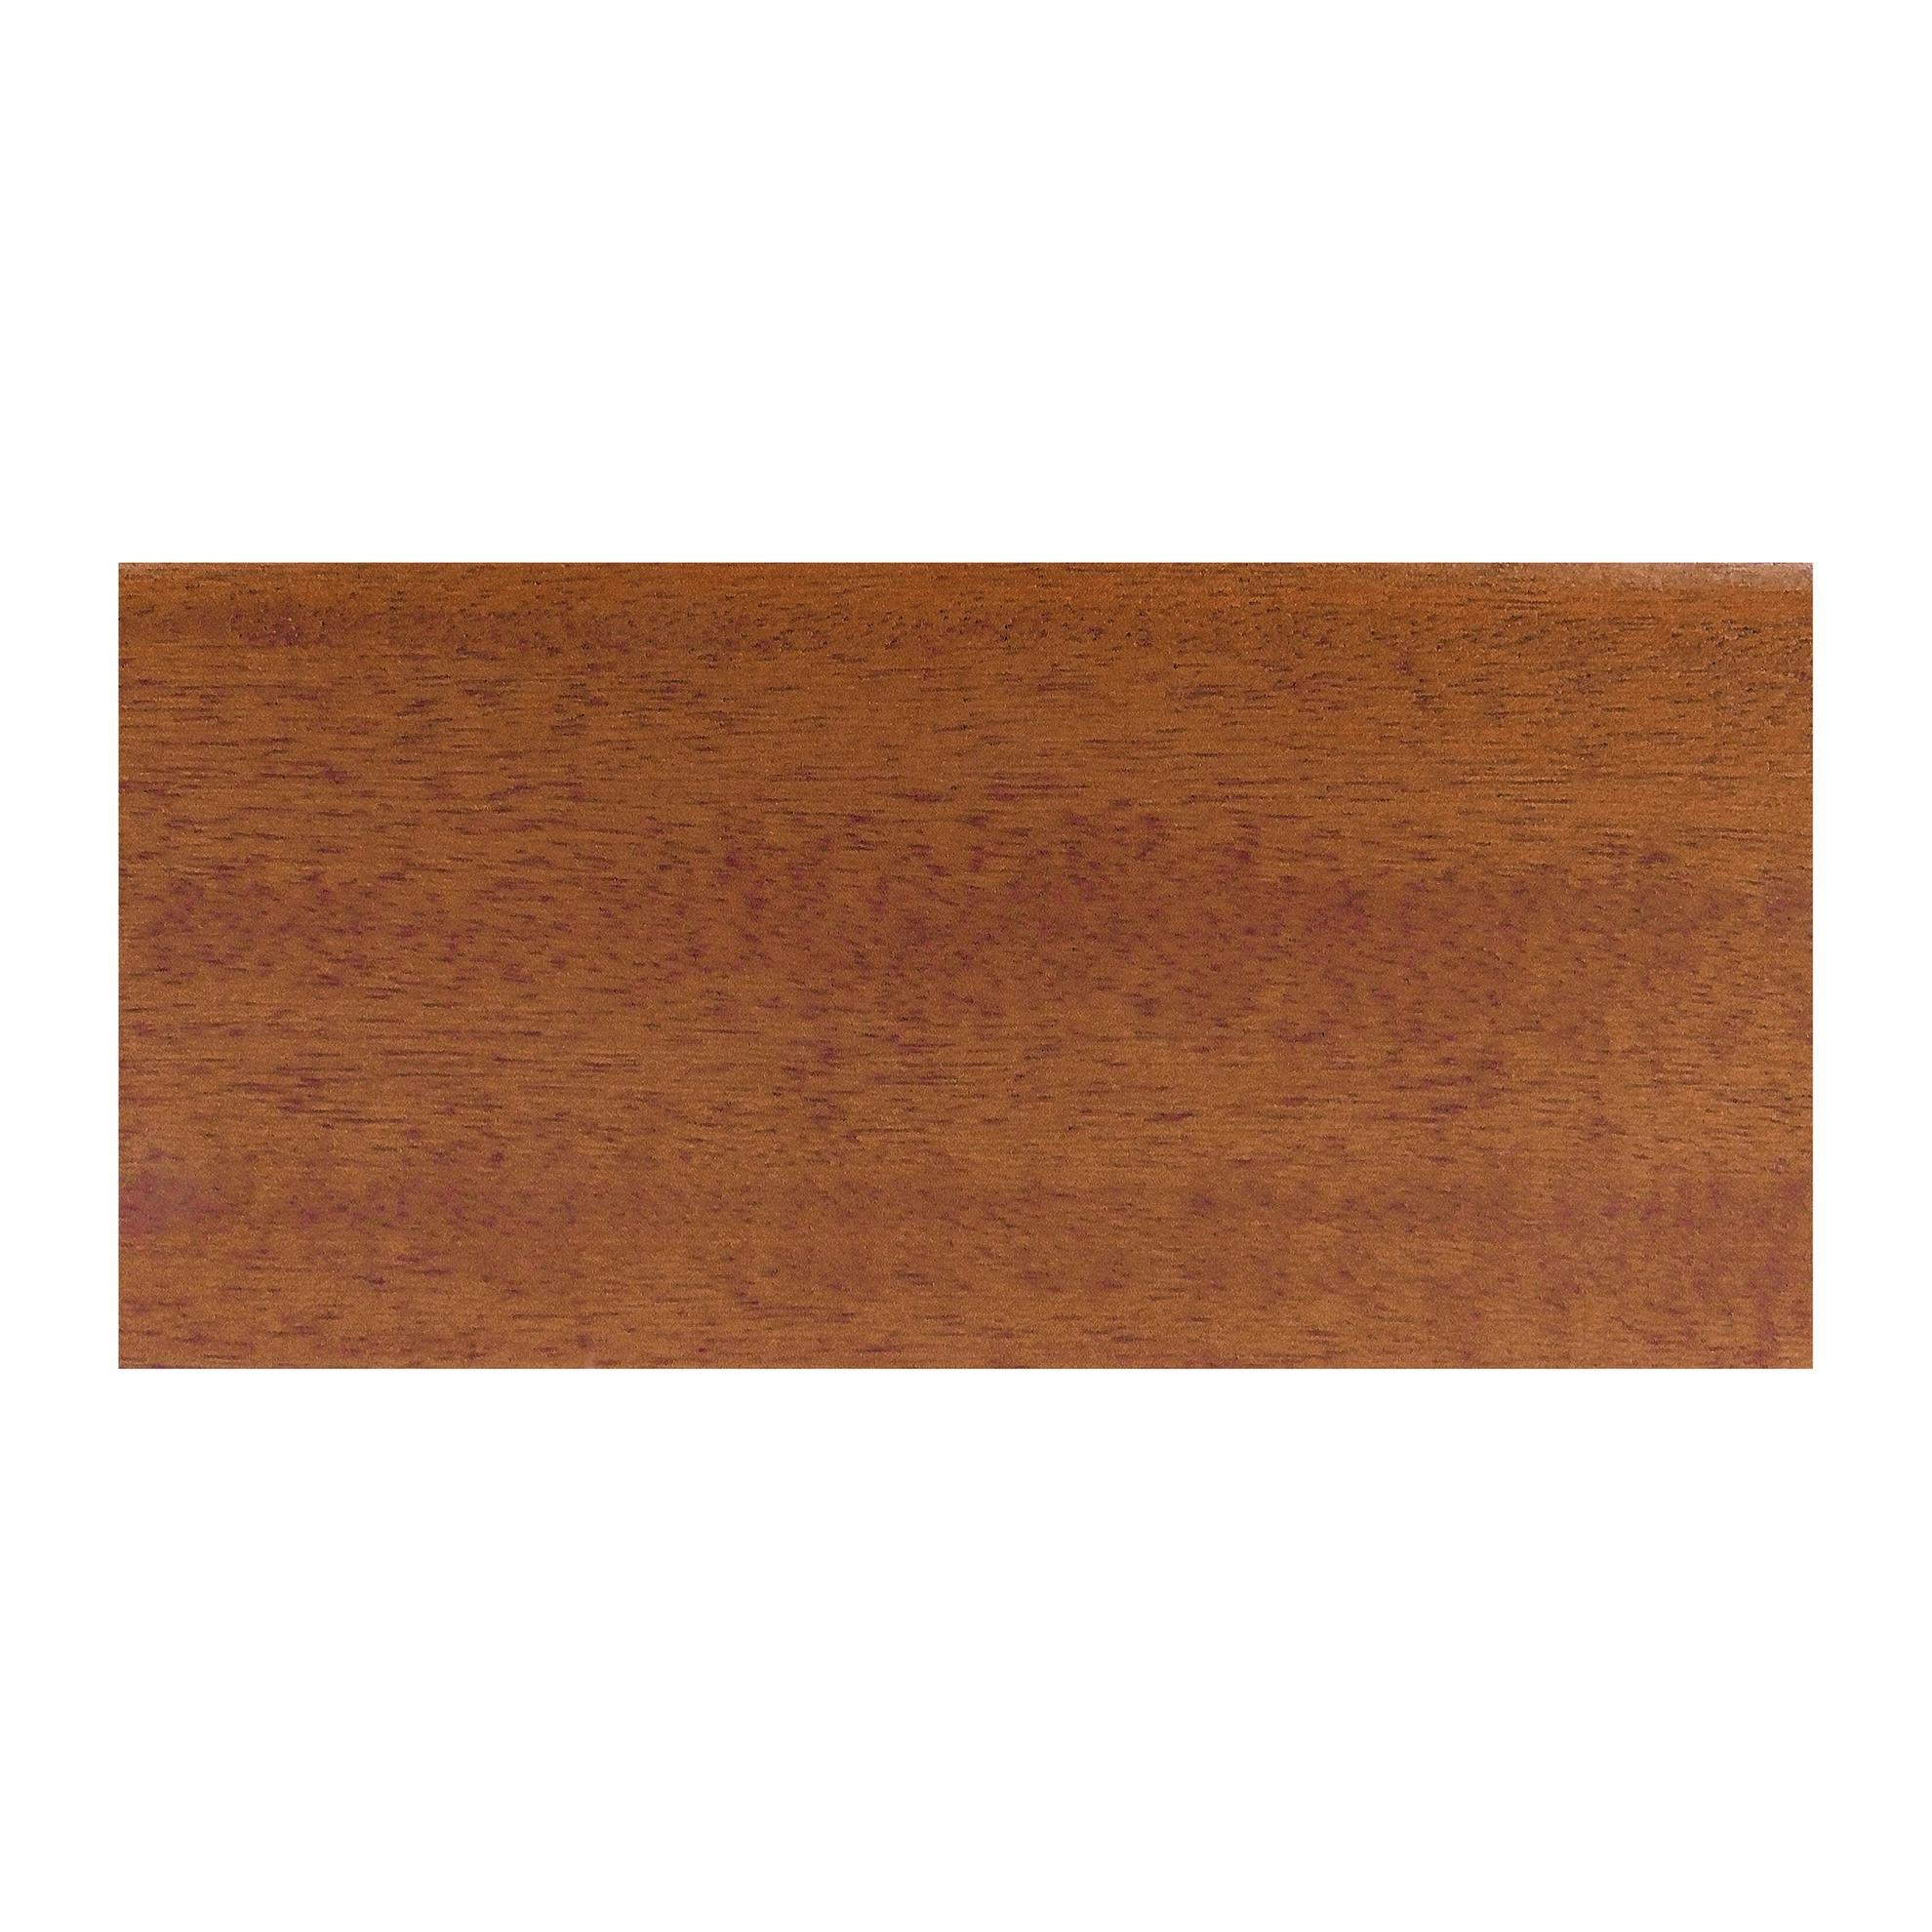 Battiscopa porro ugo impiallacciato in essenza tanganica for Battiscopa in legno leroy merlin